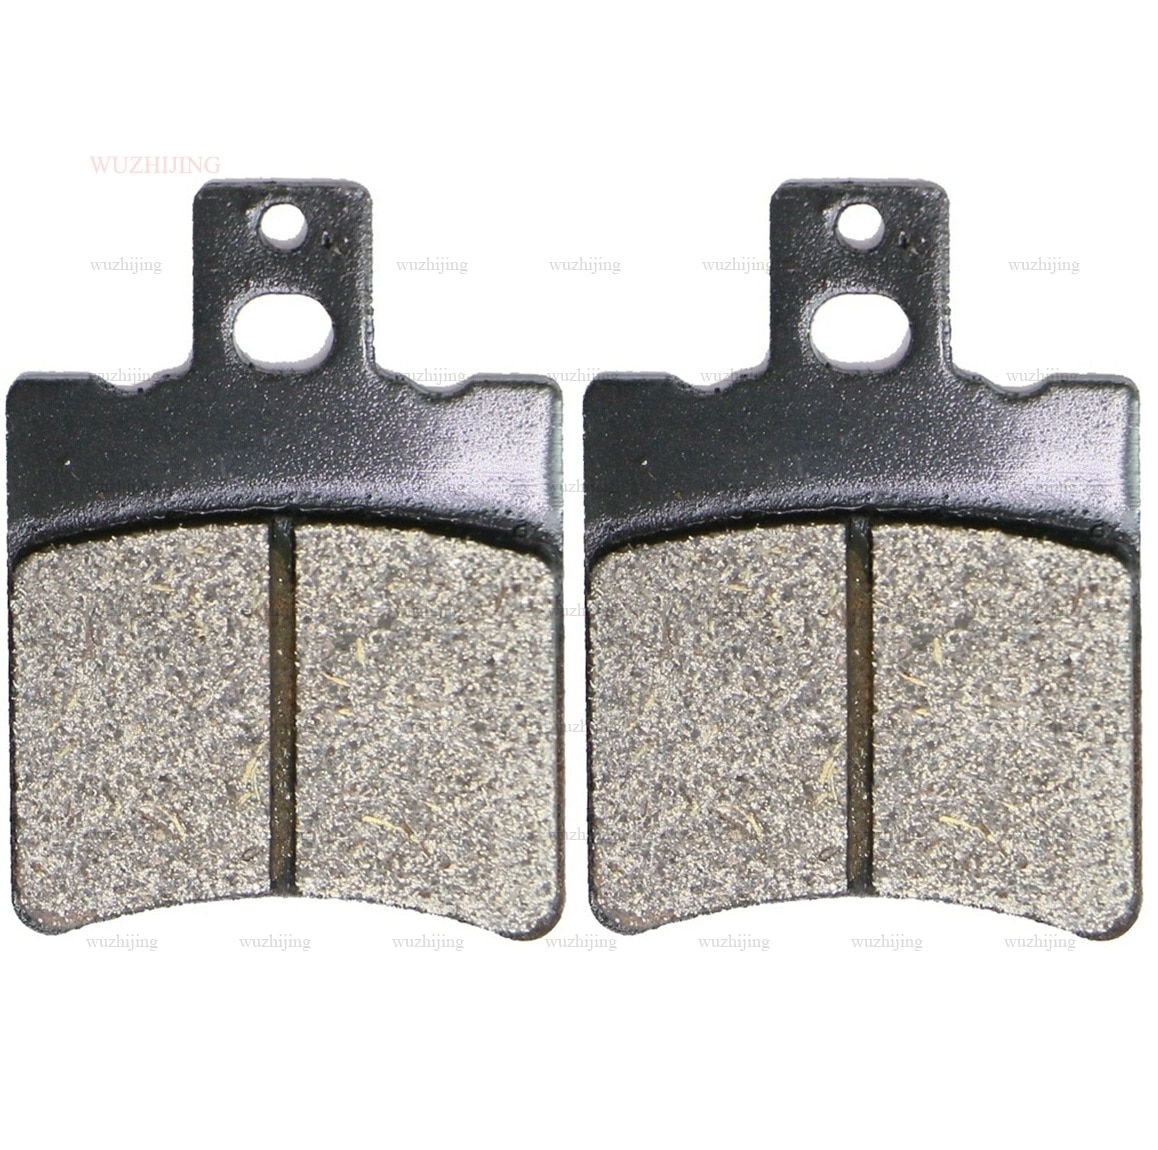 Pastillas de freno para CAGIVA Elefant 750 (84-86) 650 (85) LR S ST SXT 80 (83) Mito 50 (99) MXR 250, 400, 500 (82) S ST 250 AV 350 (81-89)